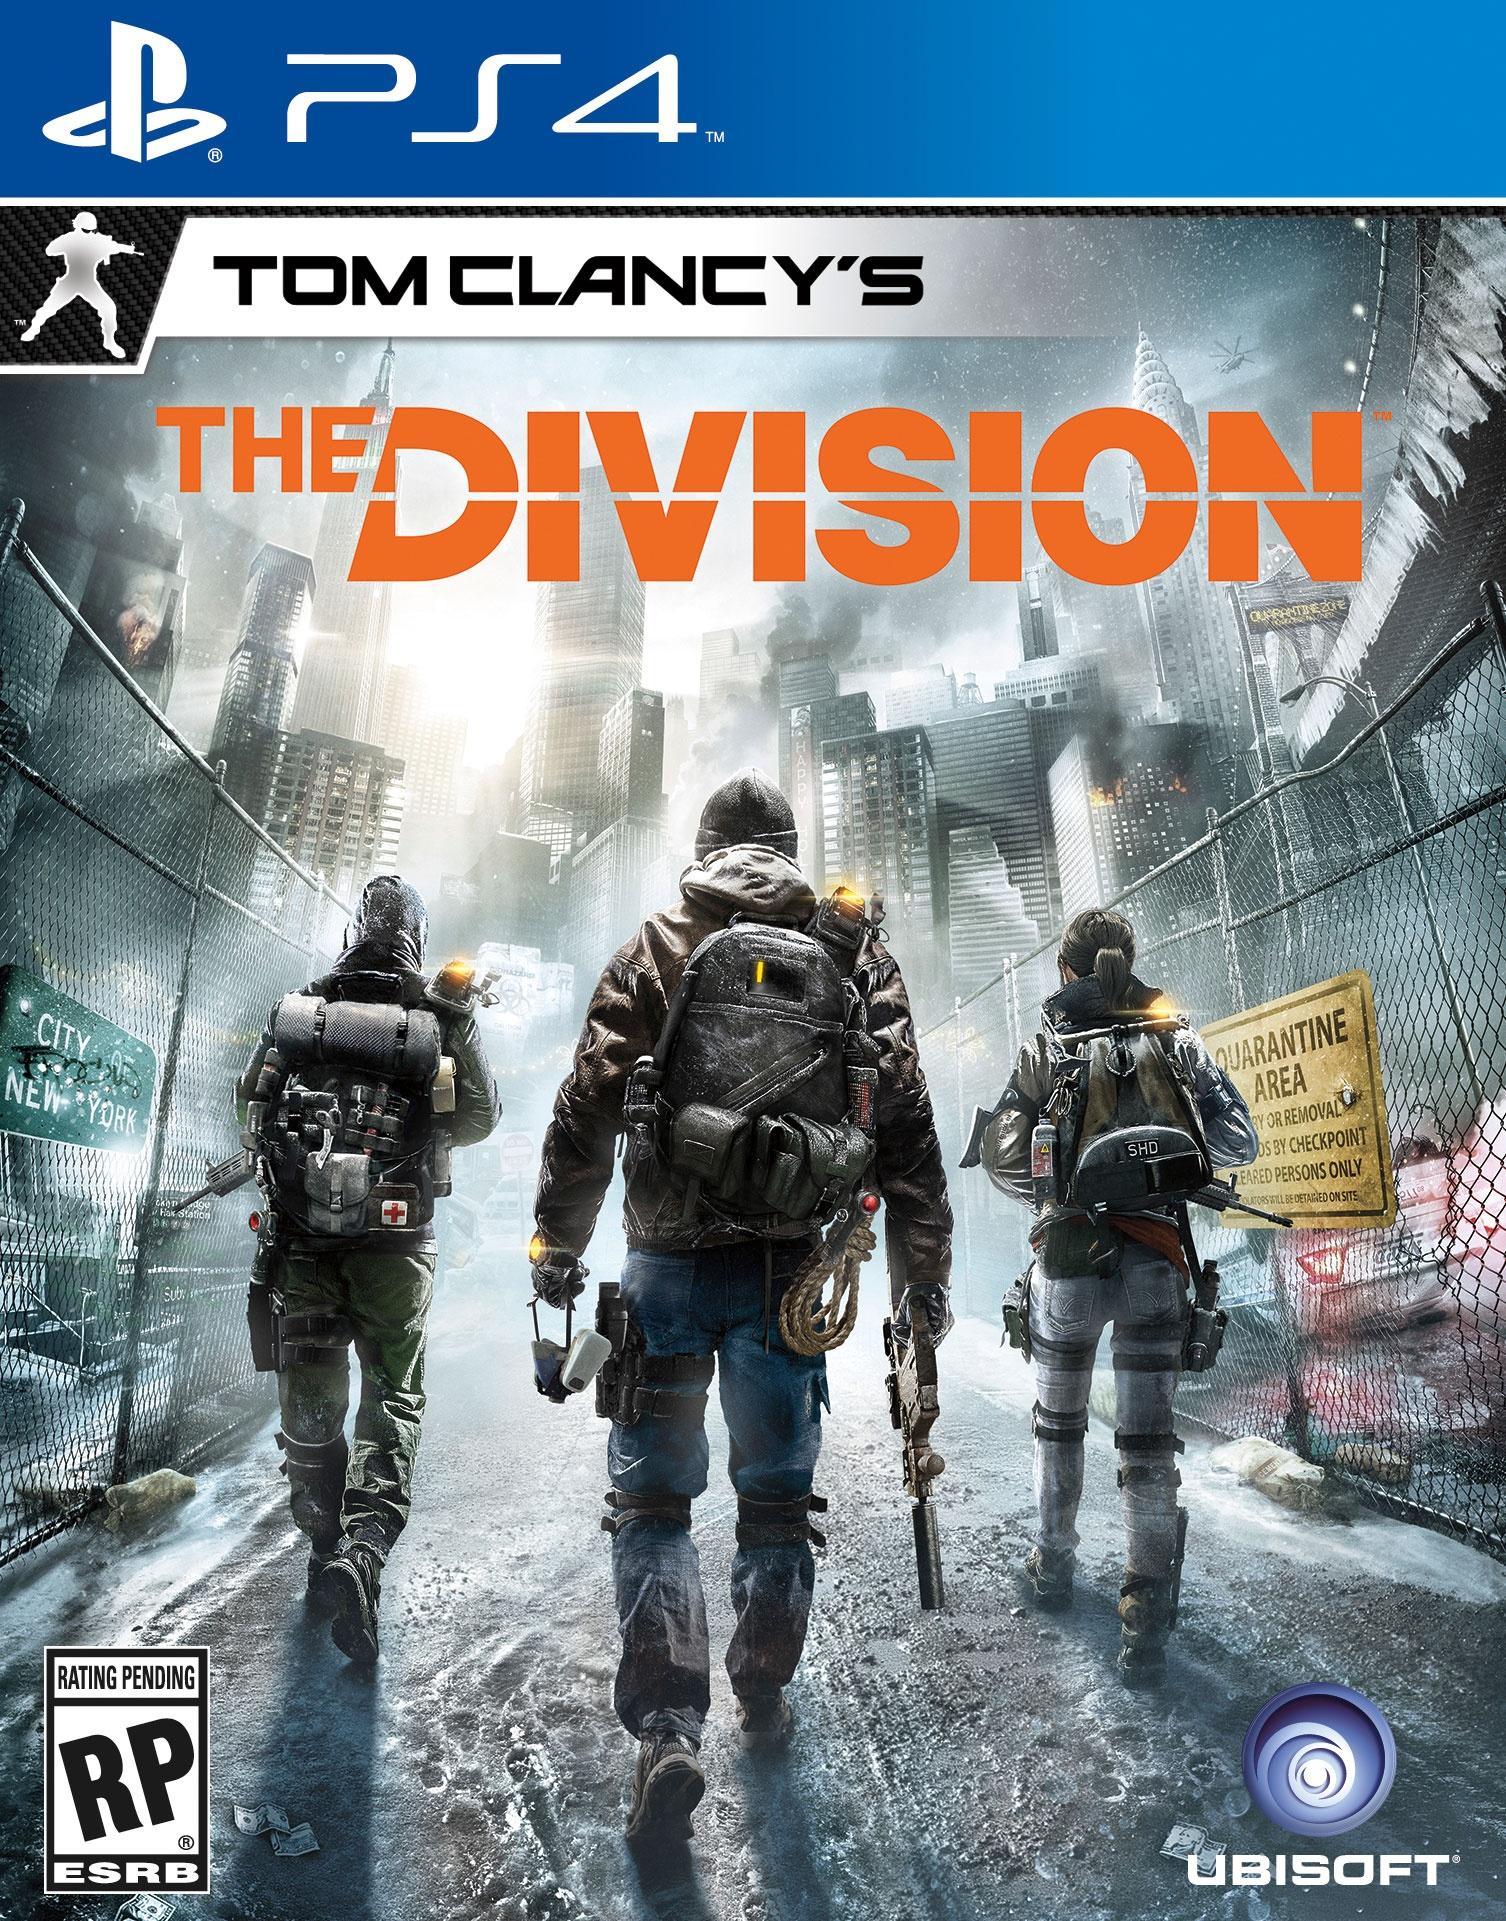 [PS Plus] Tom Clancy's The Division jouable gratuitement sur PS4 - à partir du 9 mars